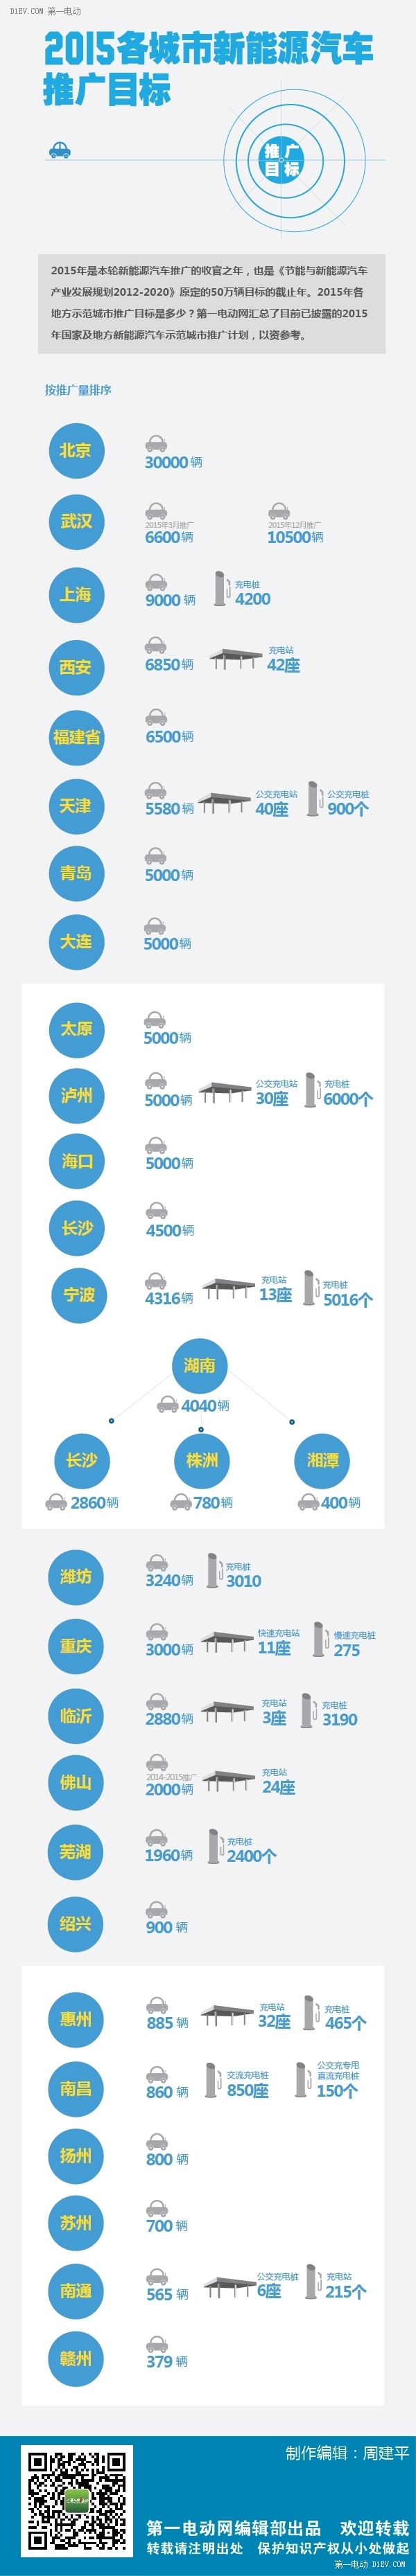 2015年国家新能源汽车推广目标